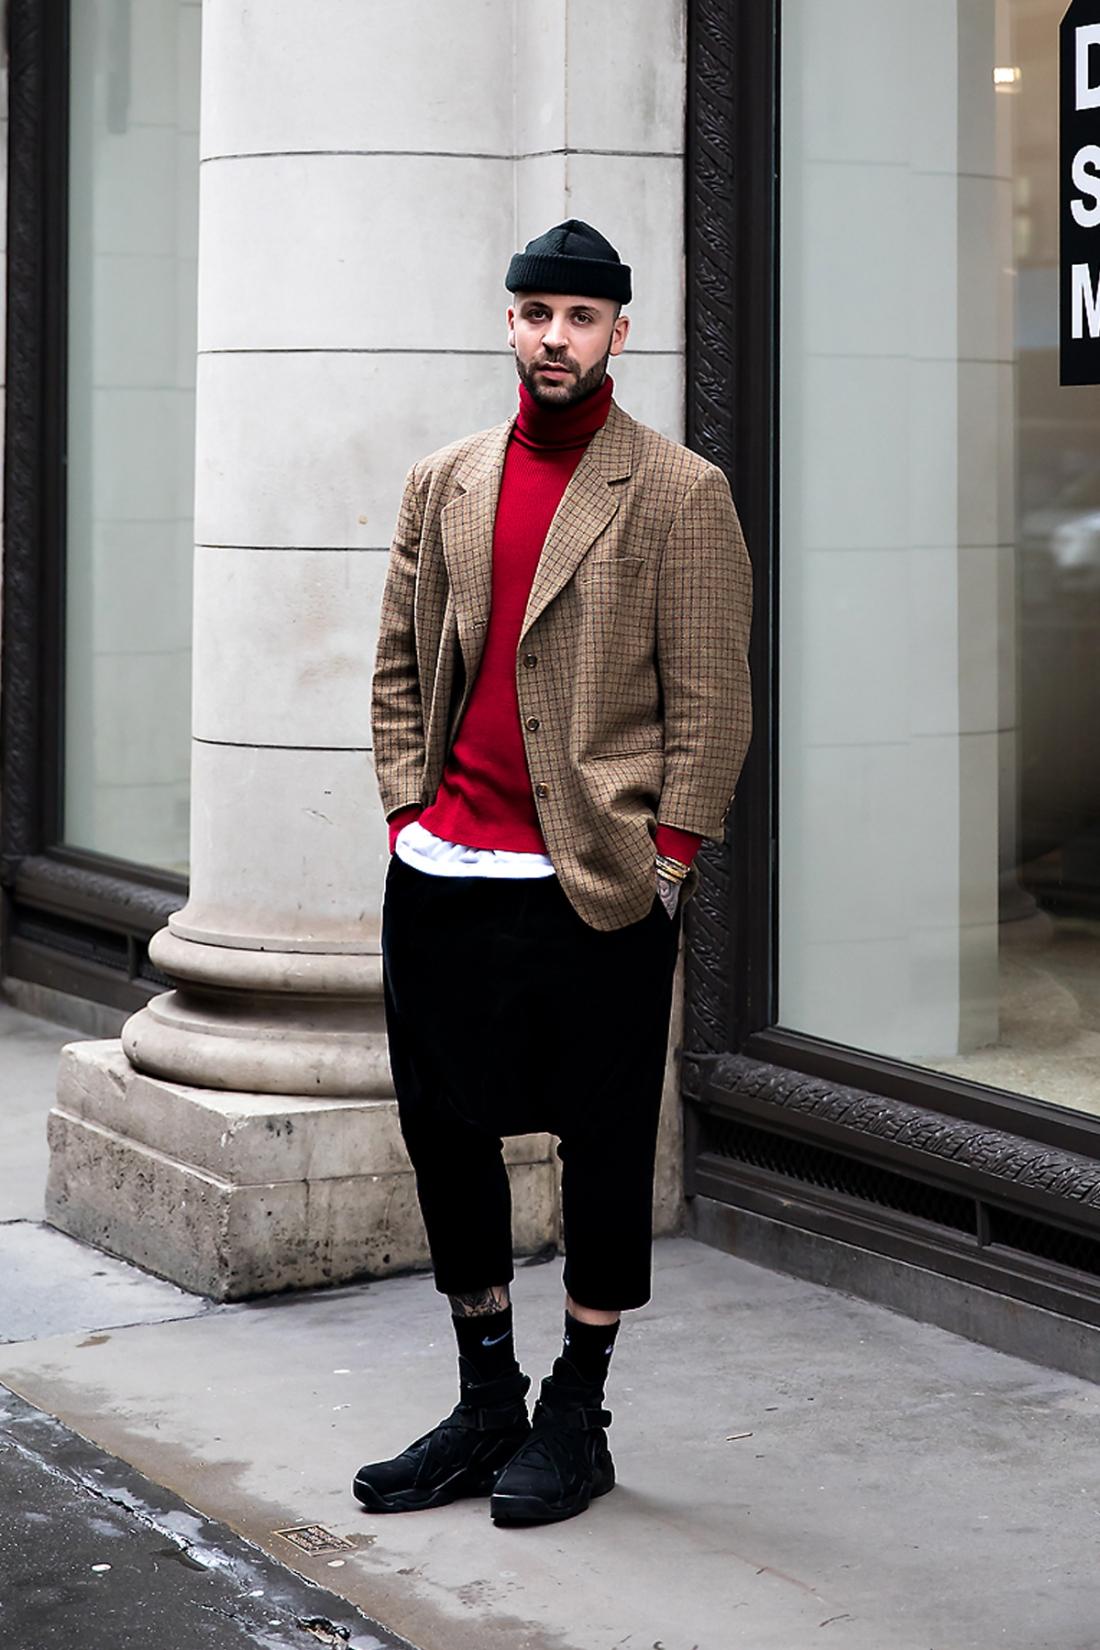 Kenzi, Street Fashion 2017 in London.jpg